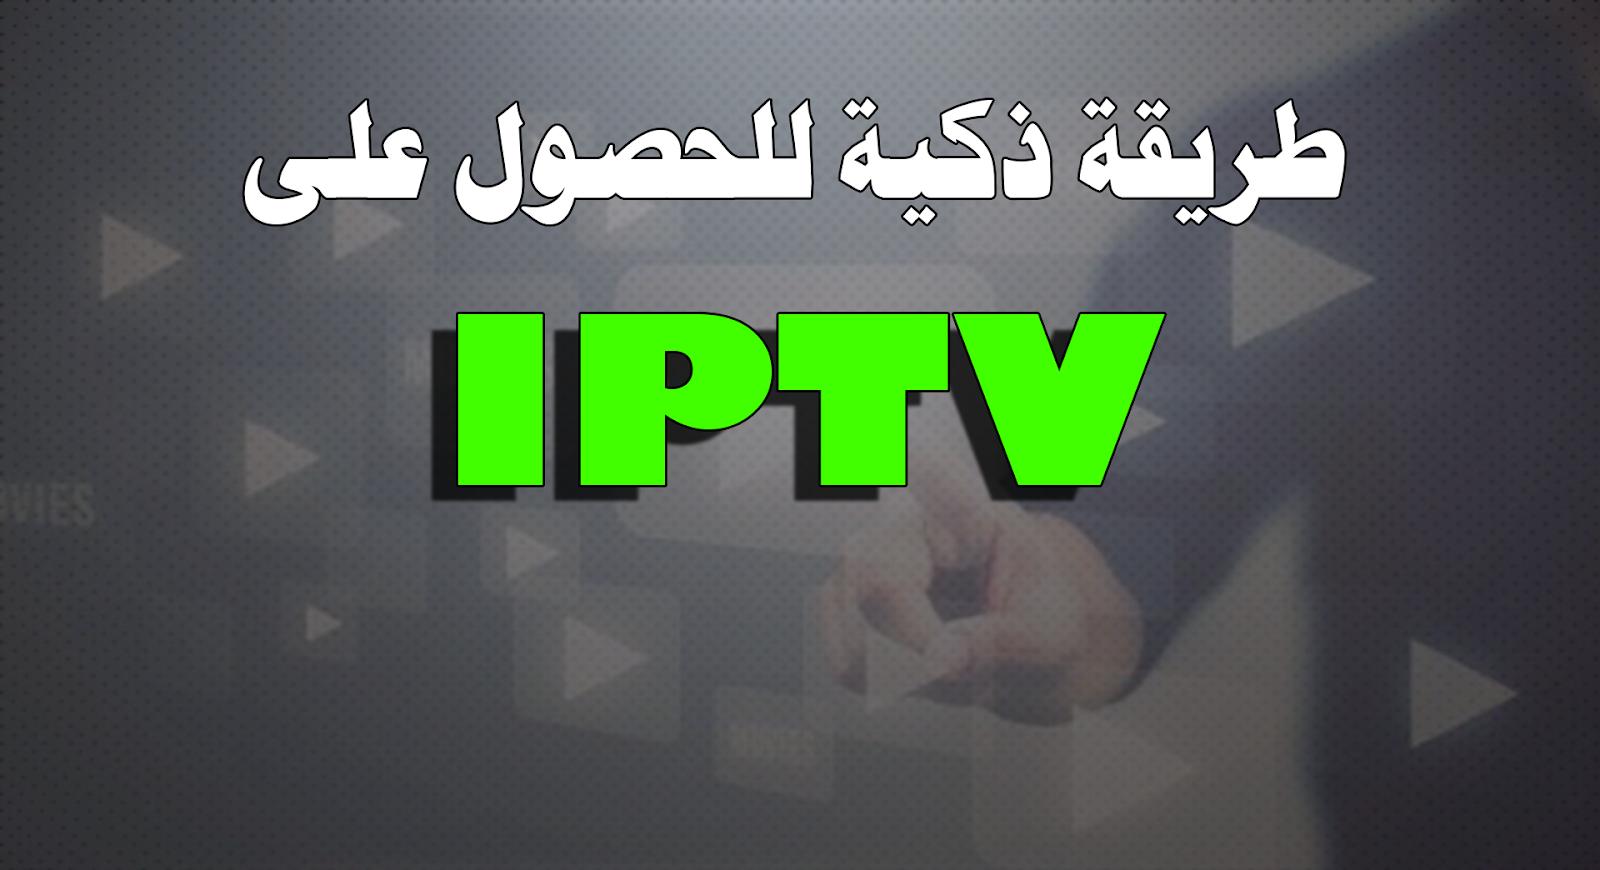 صورة طريقة ذكية للحصول على سيرفرات IPTV